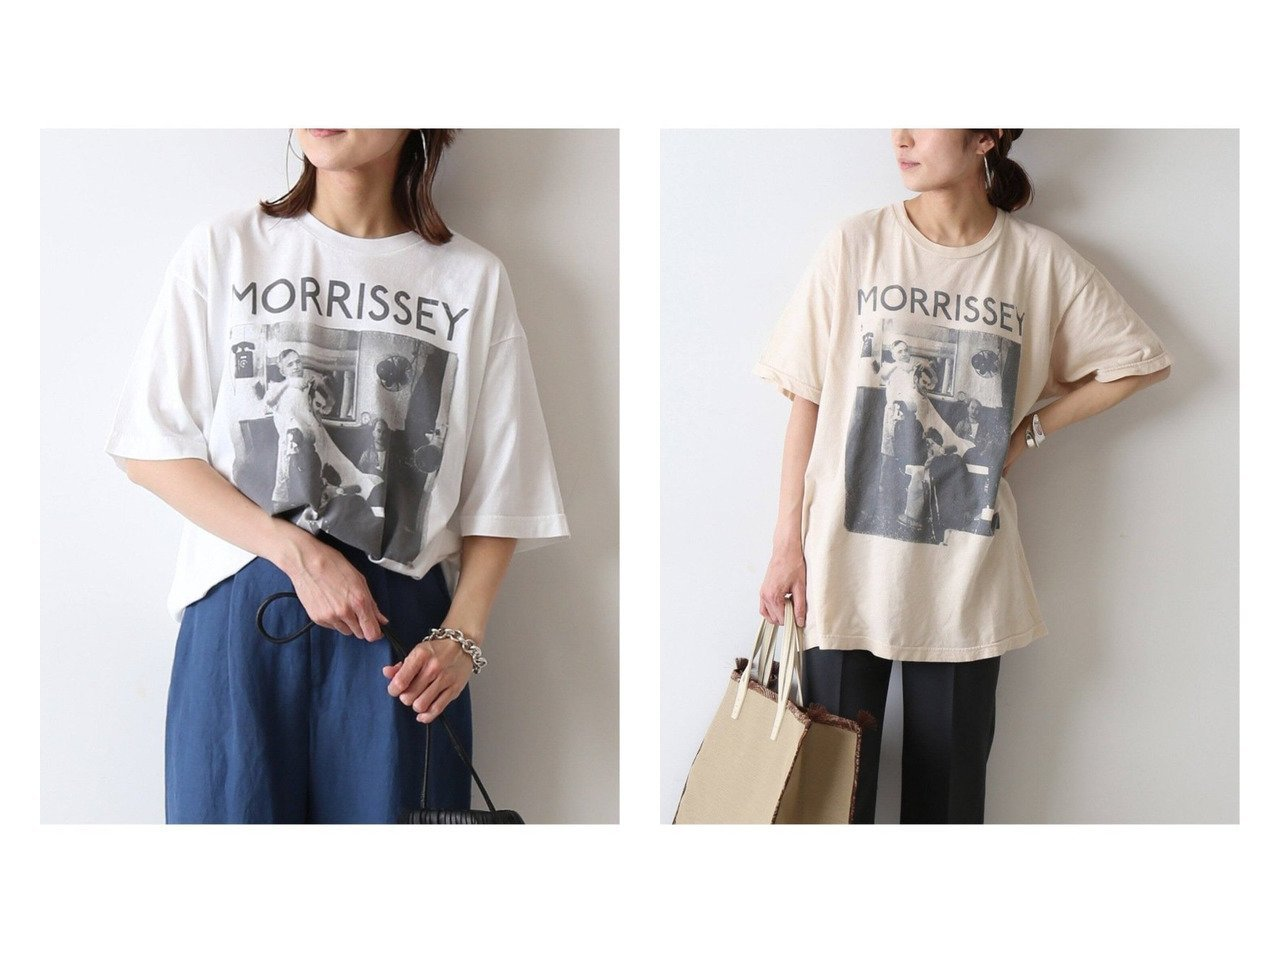 【FRAMeWORK/フレームワーク】の【THRIFTY LOOK】MORRISSEY Tシャツ(ホワイト)&【THRIFTY LOOK】 MORRISSEY Tシャツ(ベージュ) 別注・限定・コラボなど、おすすめ!人気トレンド・レディースファッション通販 おすすめファッション通販アイテム インテリア・キッズ・メンズ・レディースファッション・服の通販 founy(ファニー)  ファッション Fashion レディースファッション WOMEN トップス・カットソー Tops/Tshirt シャツ/ブラウス Shirts/Blouses ロング / Tシャツ T-Shirts カットソー Cut and Sewn ヴィンテージ カットソー 別注 2021年 2021 S/S・春夏 SS・Spring/Summer 2021春夏・S/S SS/Spring/Summer/2021 NEW・新作・新着・新入荷 New Arrivals ホワイト系 White ベージュ系 Beige |ID:crp329100000037342